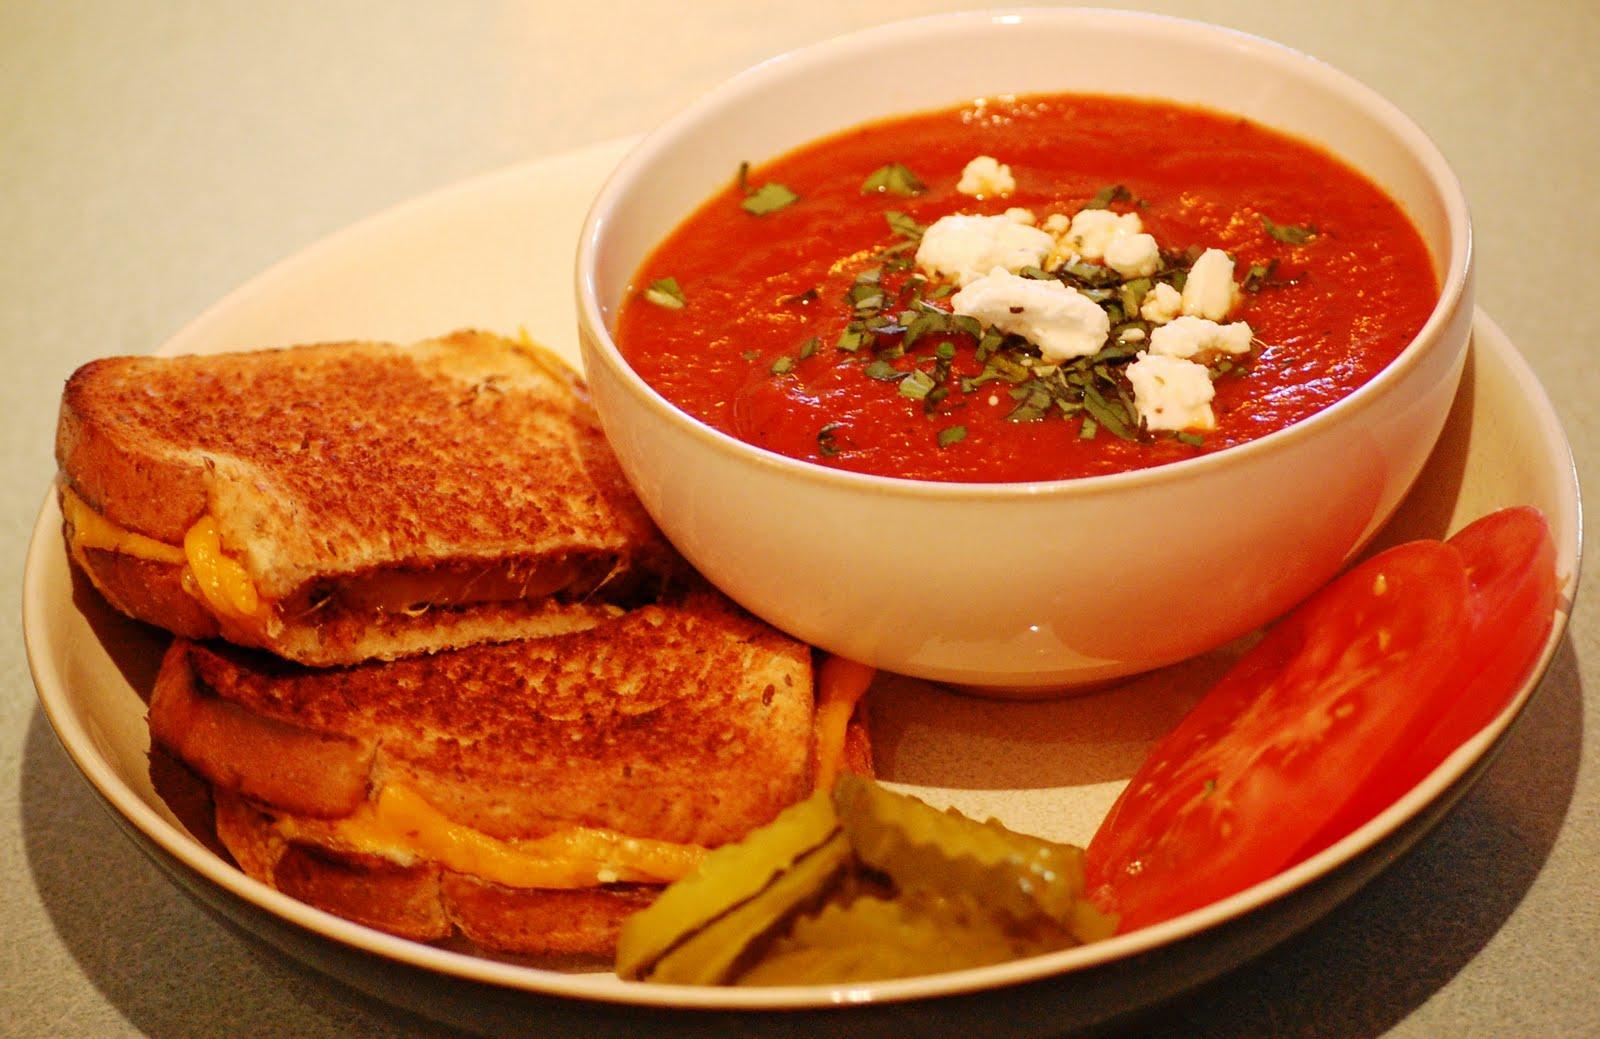 http://1.bp.blogspot.com/-8GBn6vjMMoE/Tbozl10FdOI/AAAAAAAAAEk/57mnHv3VnPU/s1600/Tomato%2BSoup%2B%2525287%252529.JPG